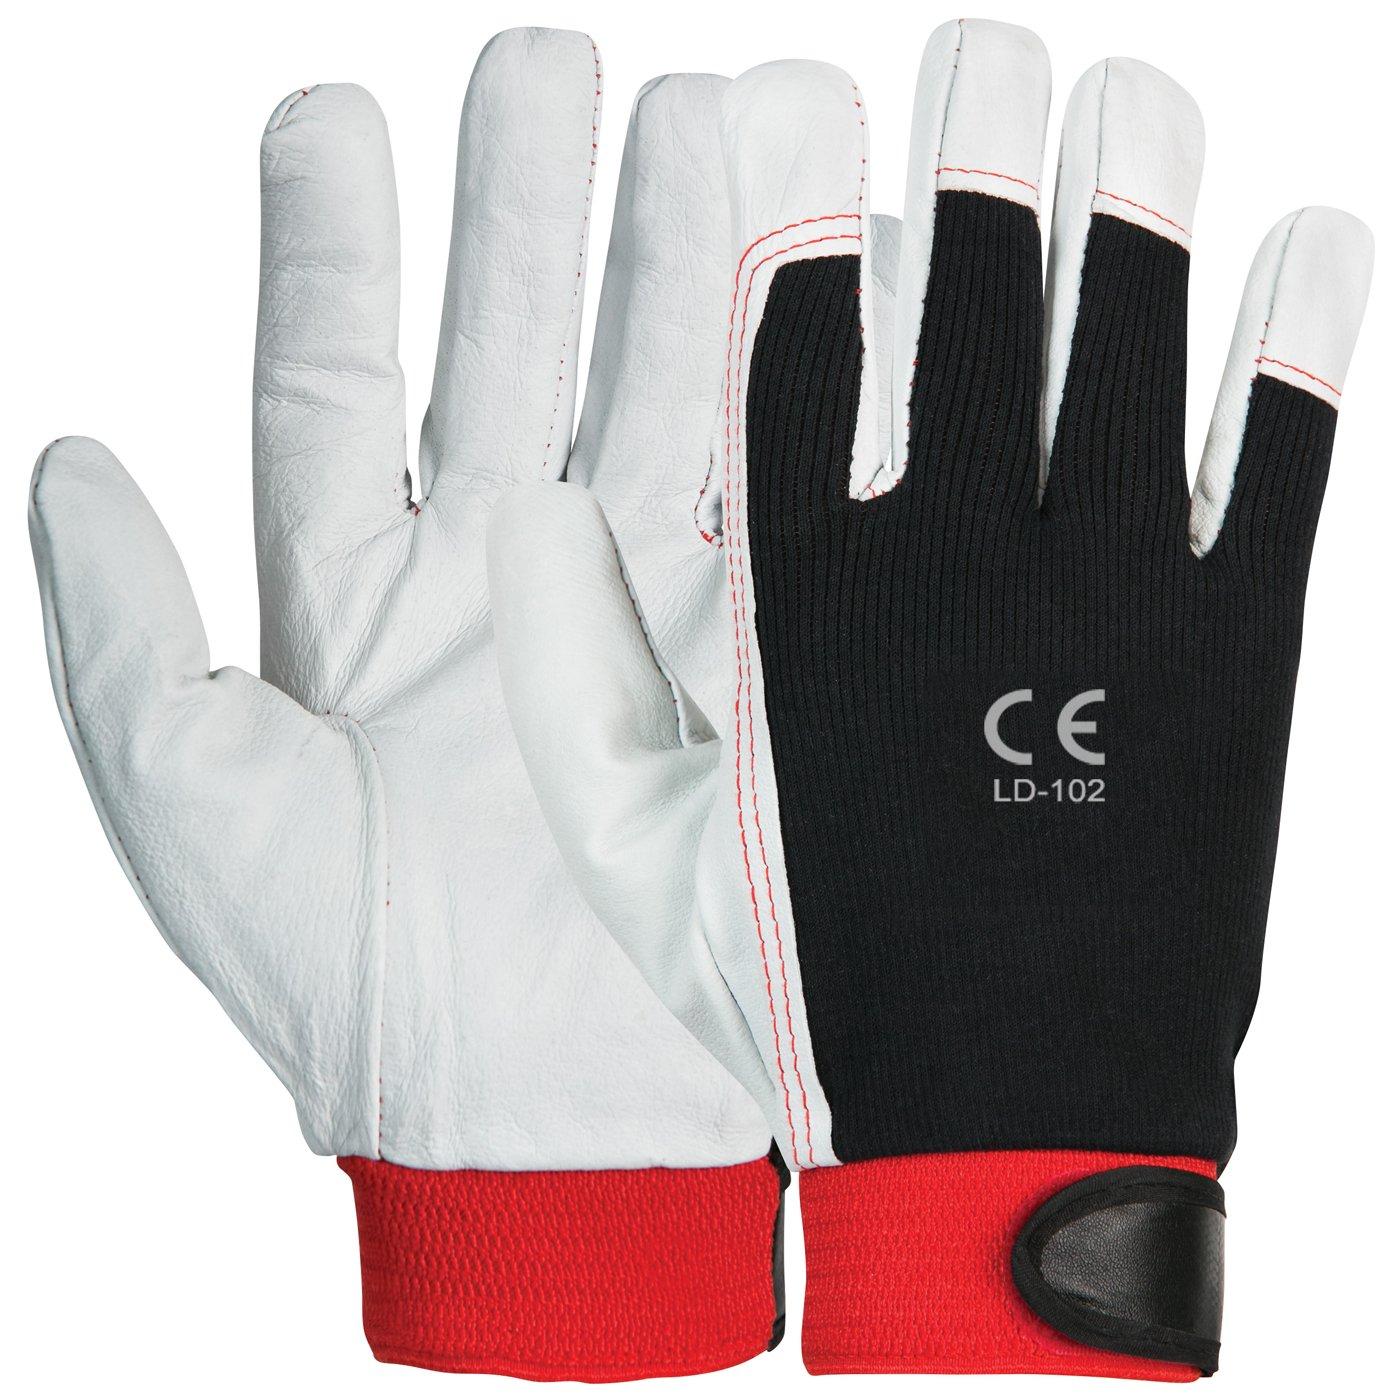 LD-103 Assembly Gloves Goat Skin